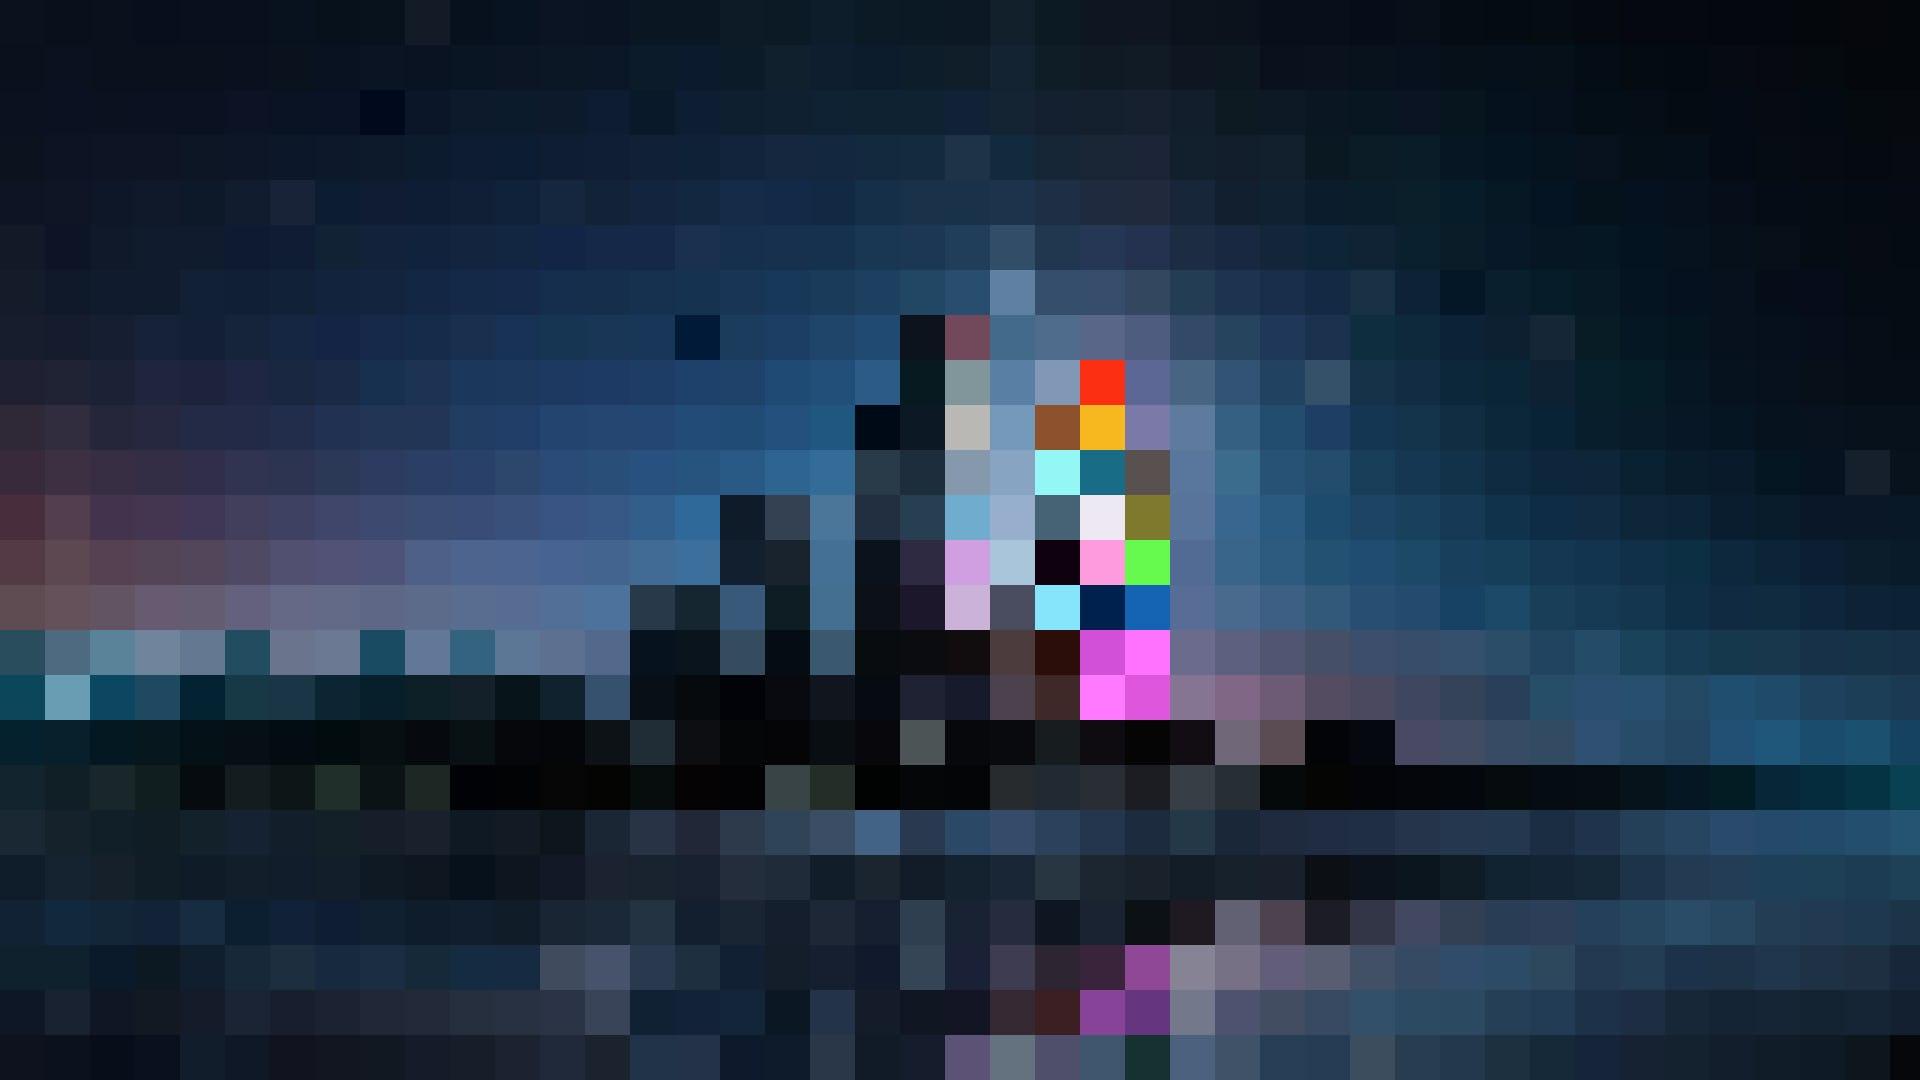 Spektakel in Basel: Während vier Tagen verwandelt sich der berühmte Roche-Tower in eine fulminante Lichtshow.